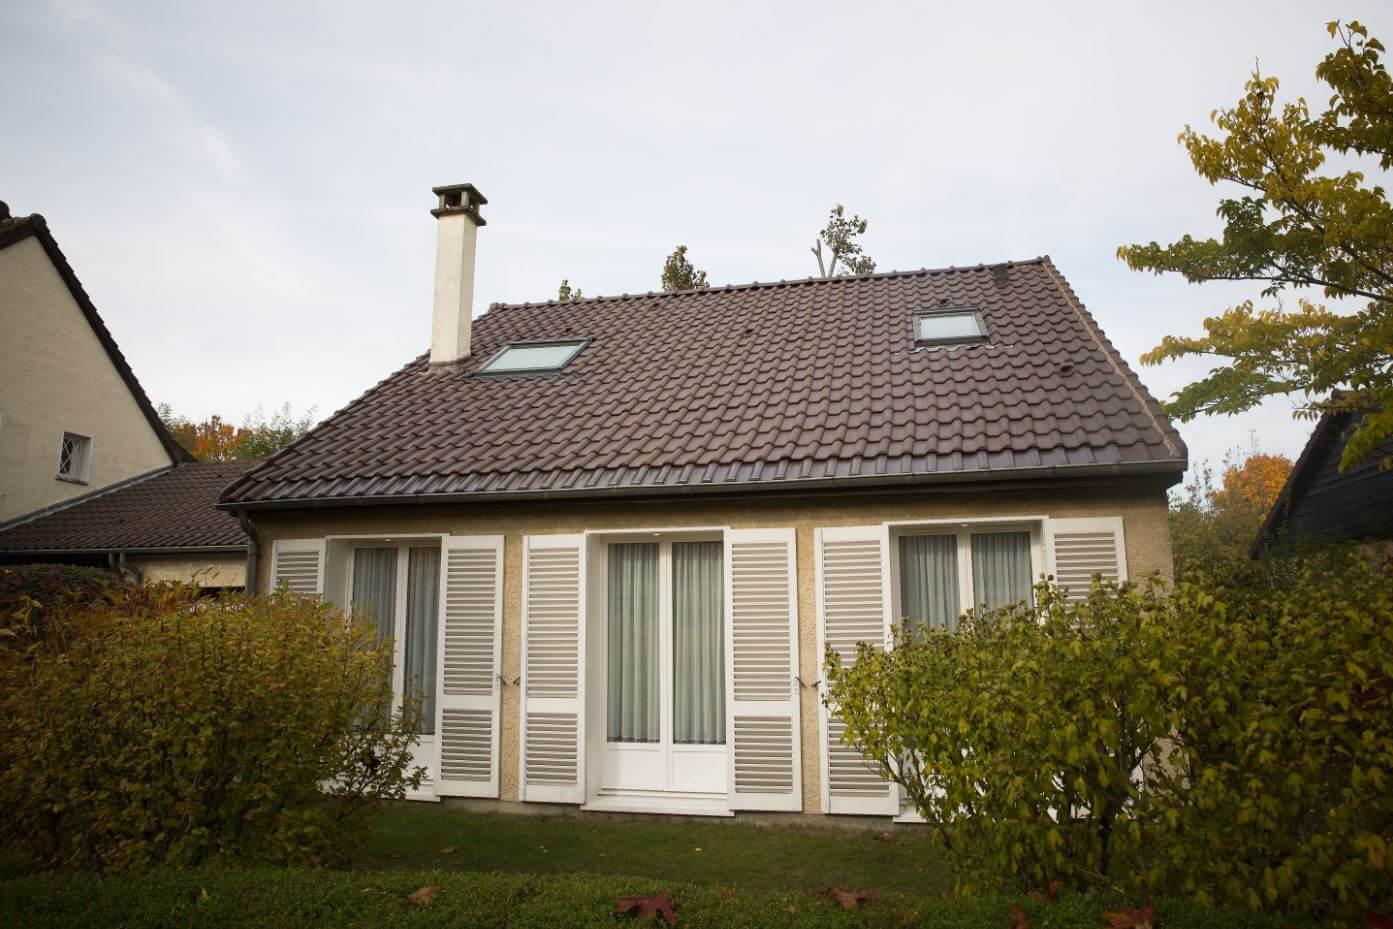 Nettoyage et d moussage de toiture devis gratuit for Aide renovation toiture